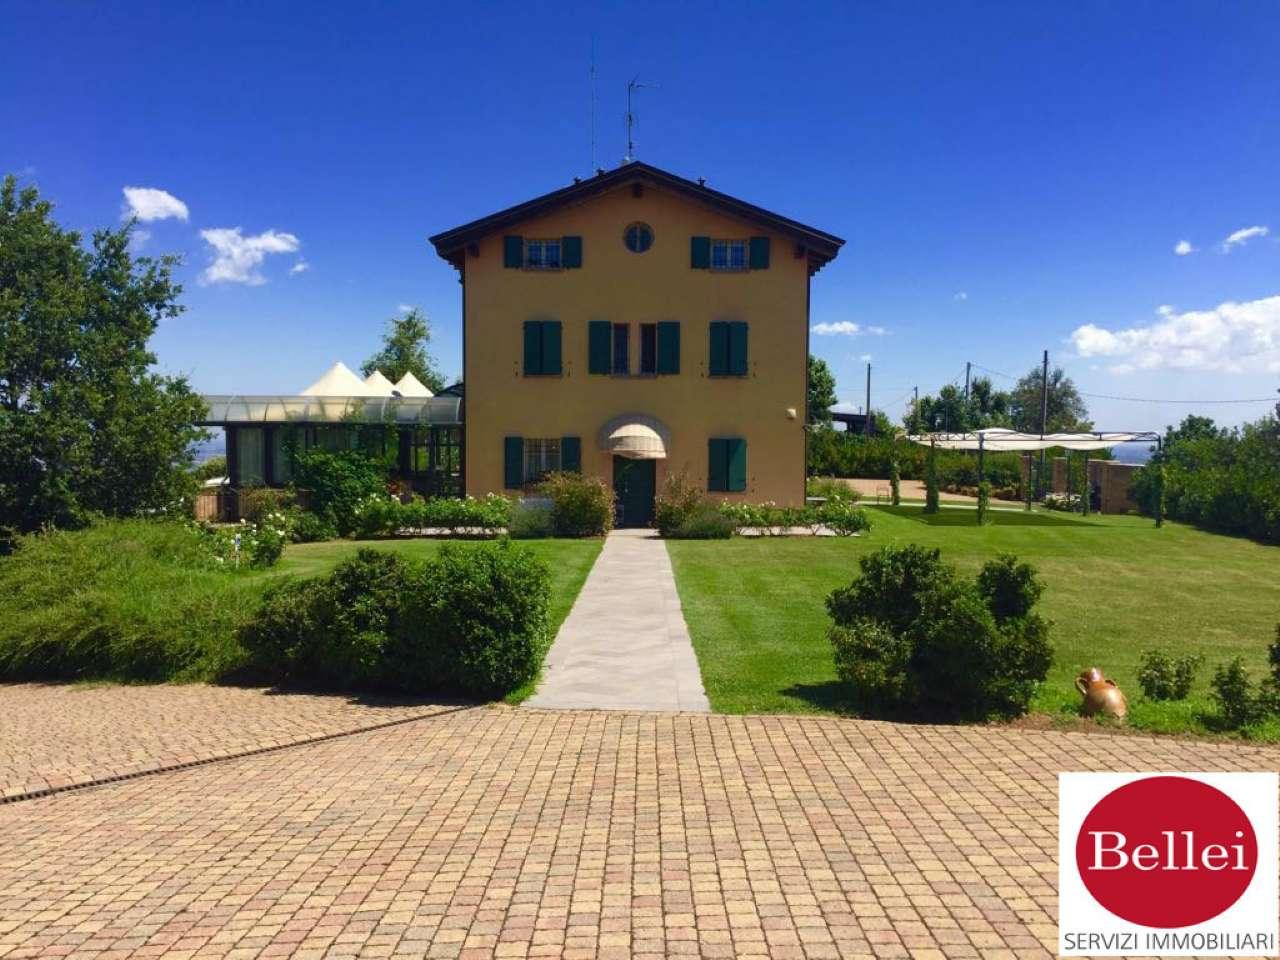 Villa Bifamiliare in vendita a Casalgrande, 25 locali, prezzo € 850.000 | PortaleAgenzieImmobiliari.it